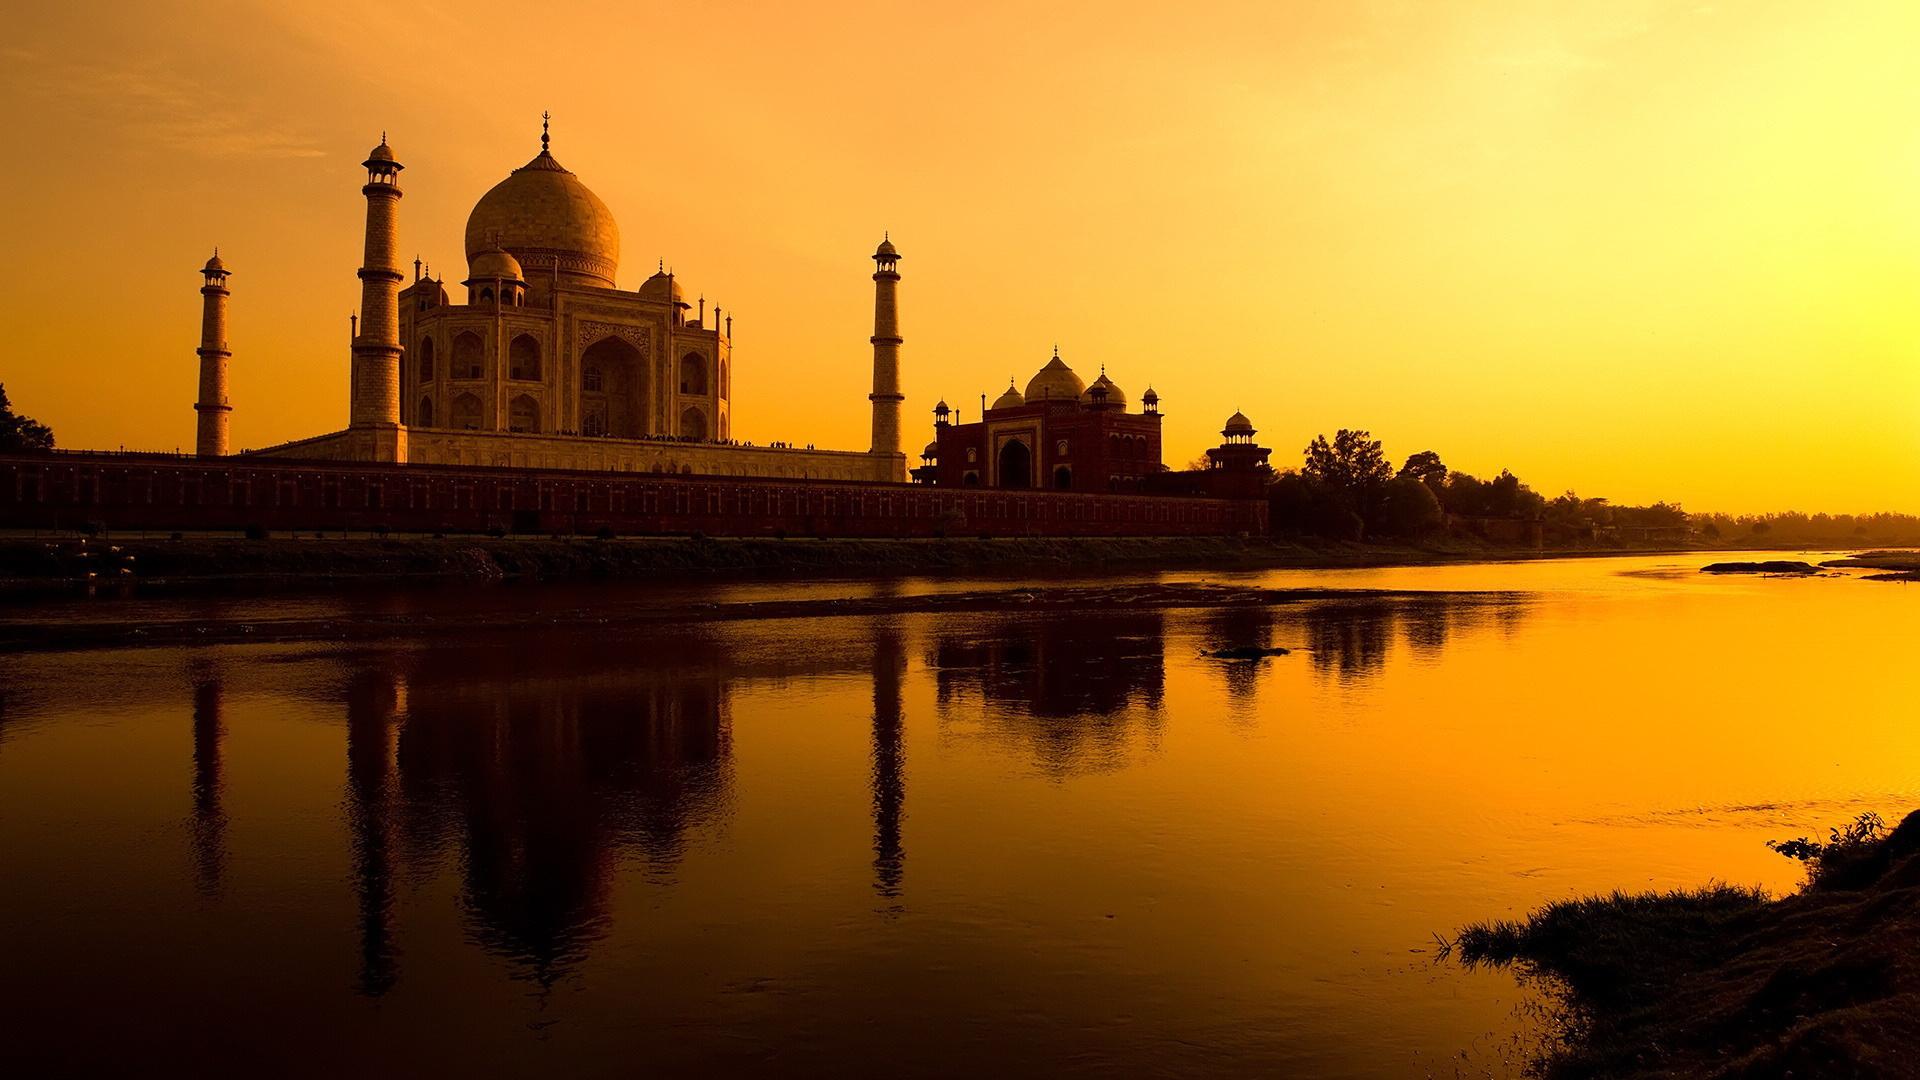 多元的色彩,呈現出南亞國家各自的文化特色和魅力